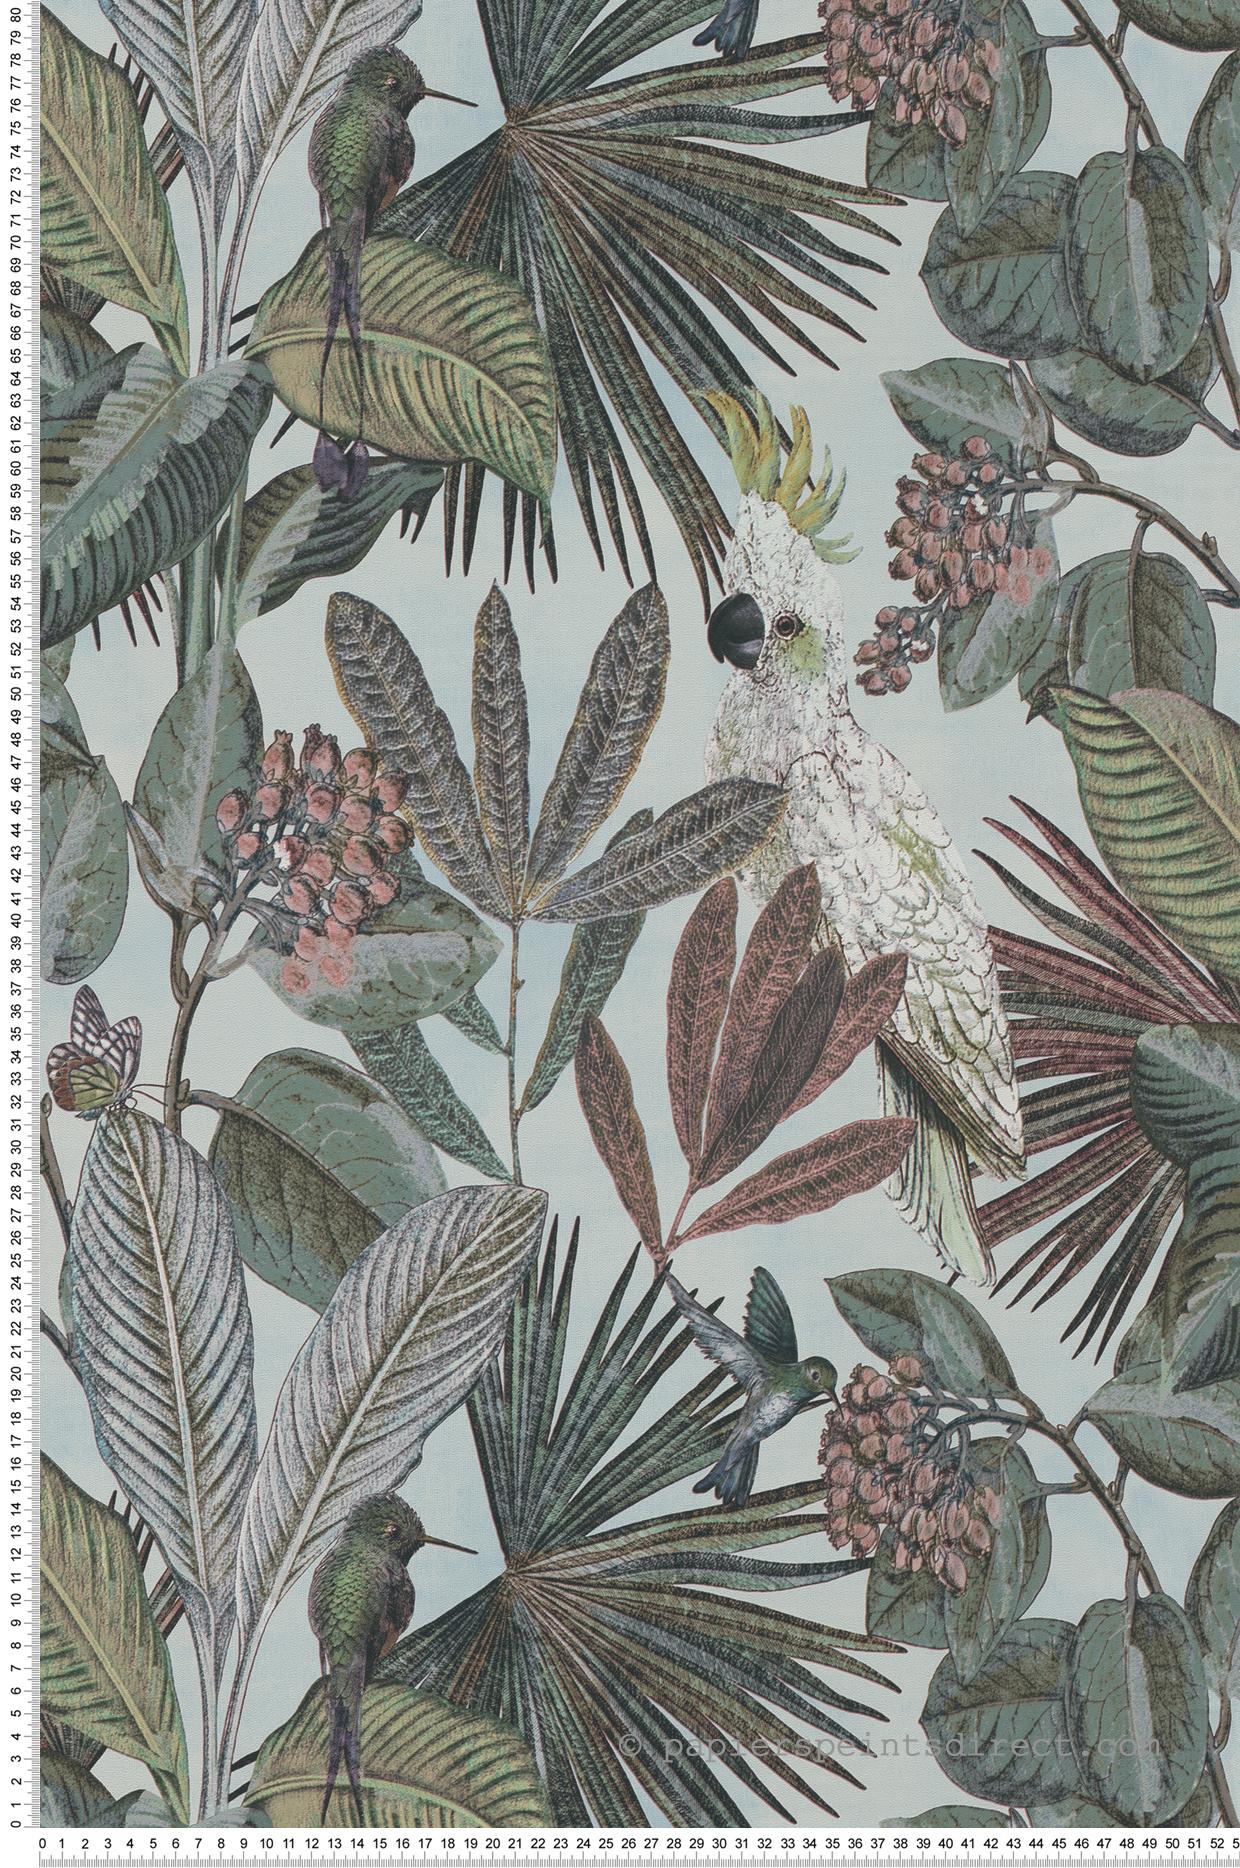 Papier peint Oiseaux tropicaux bleu clair - Savana de Lutèce | Réf. LTC-SAV122